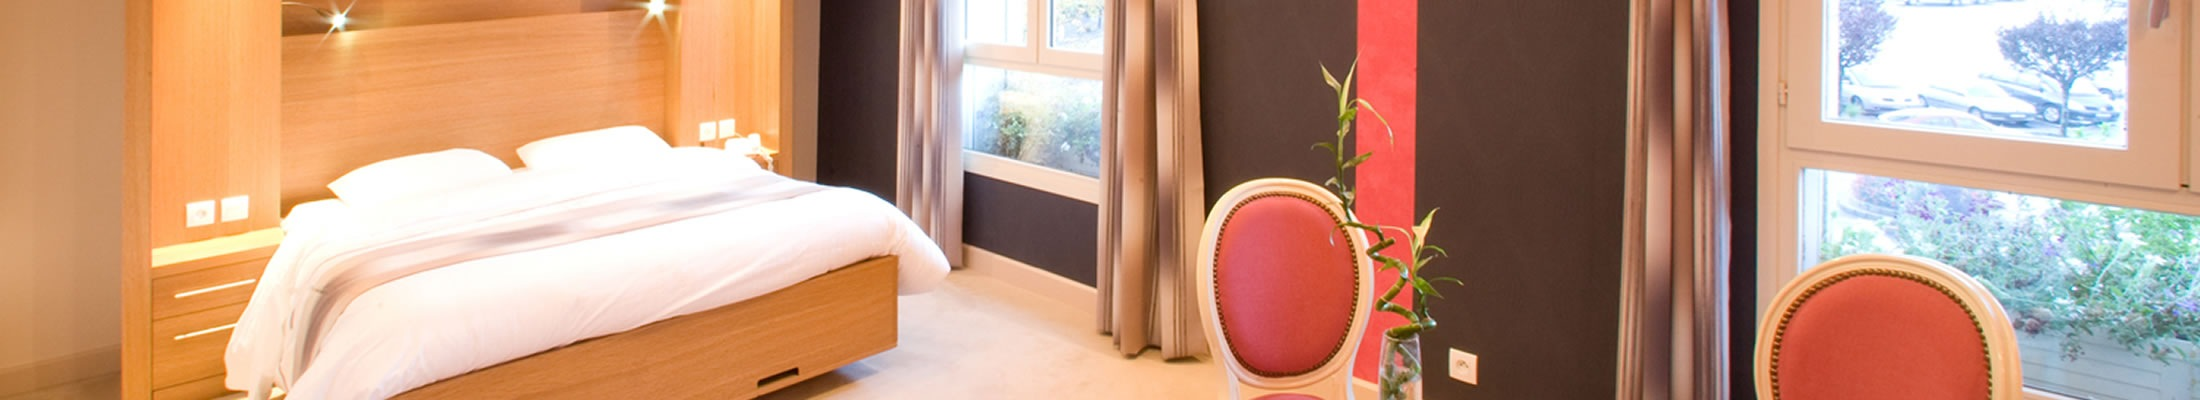 Confort, qualite, art de vivre Le Fruitier Hôtel